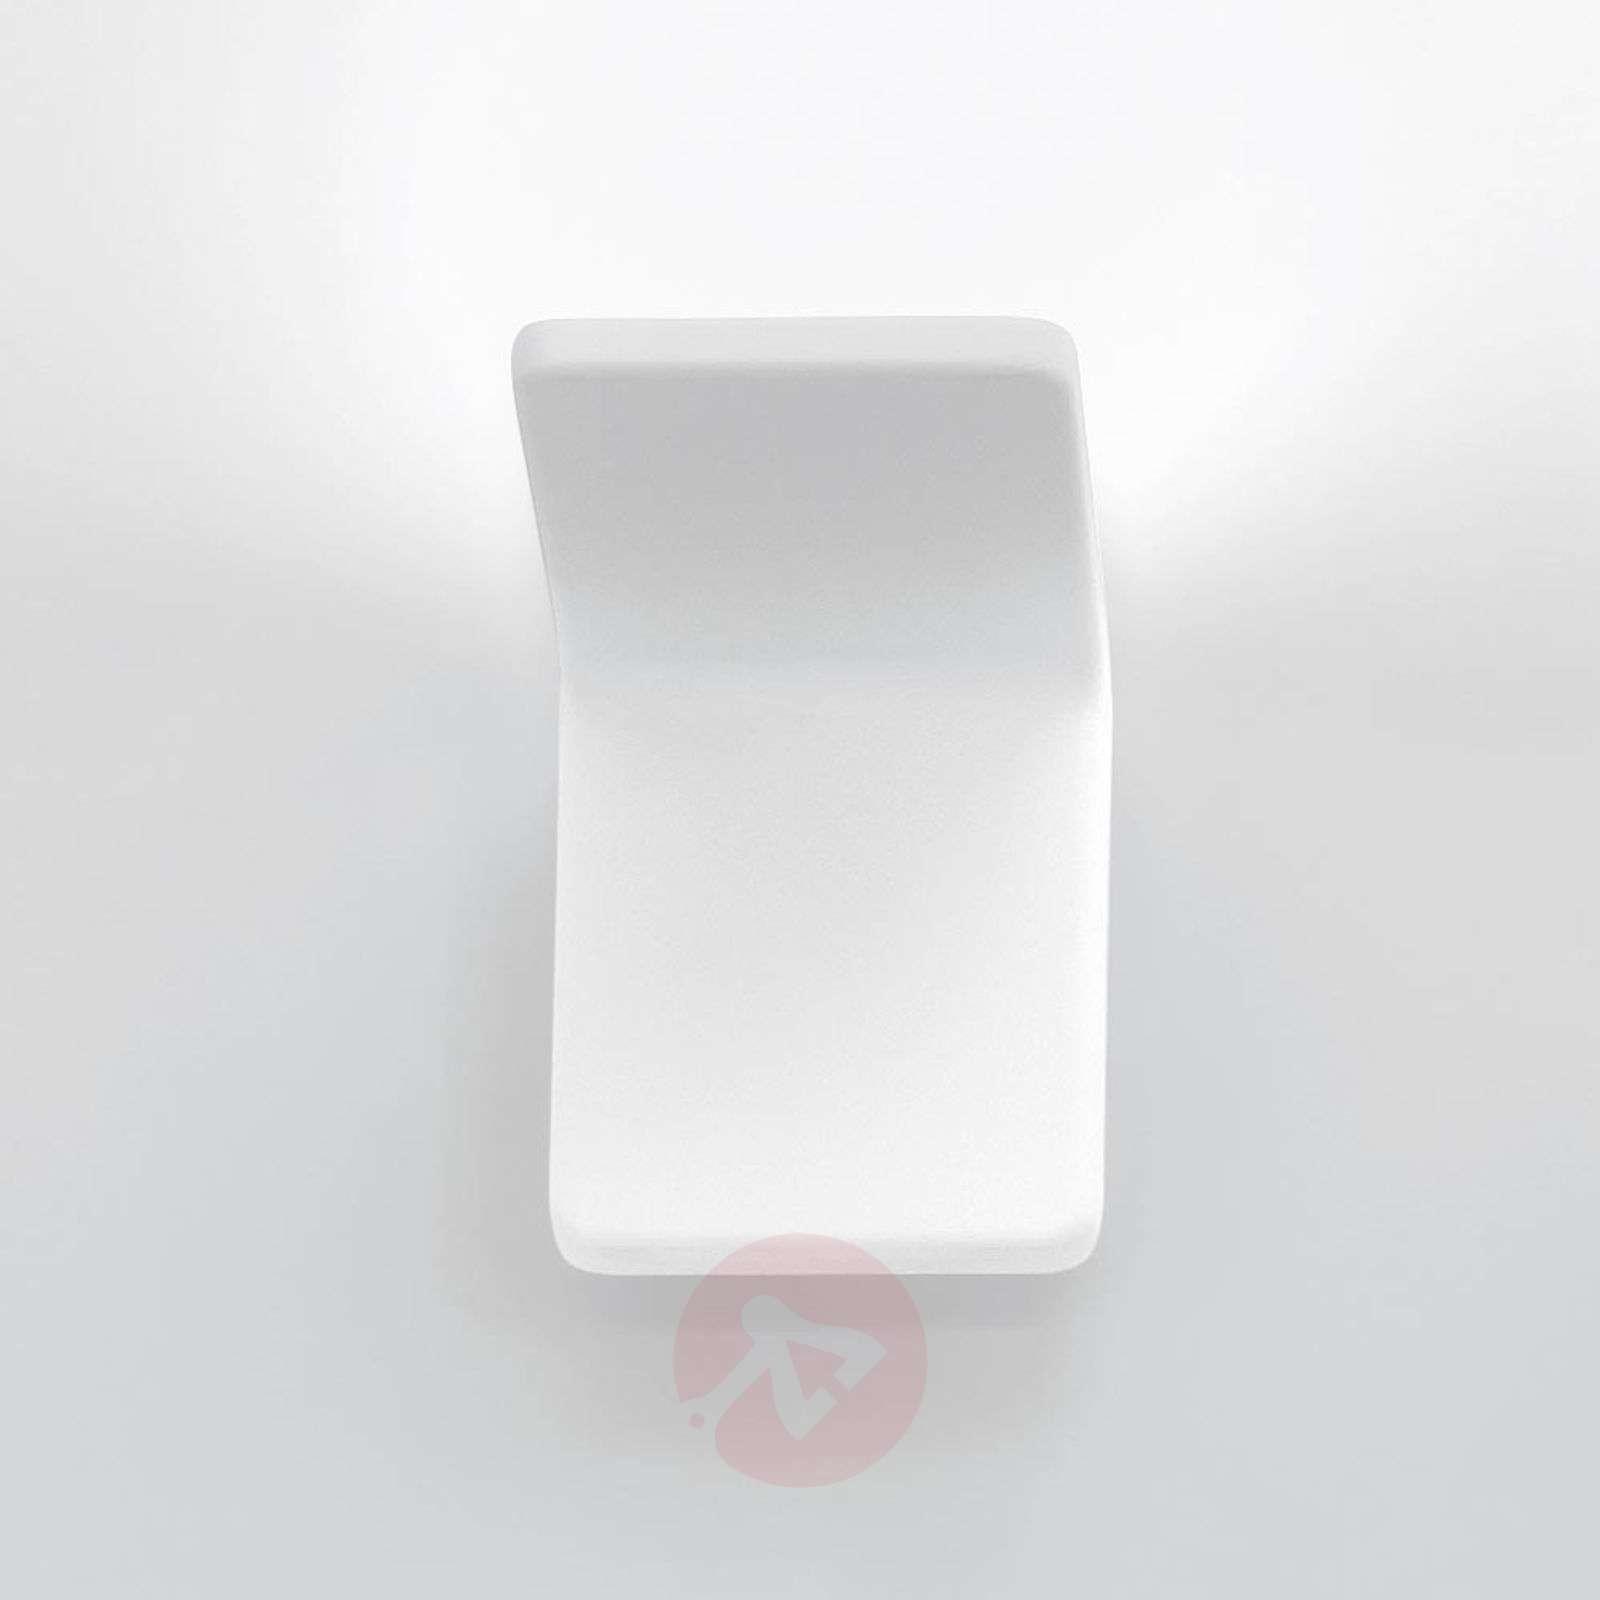 Rea 10 designer LED wall light, white-1060018-01